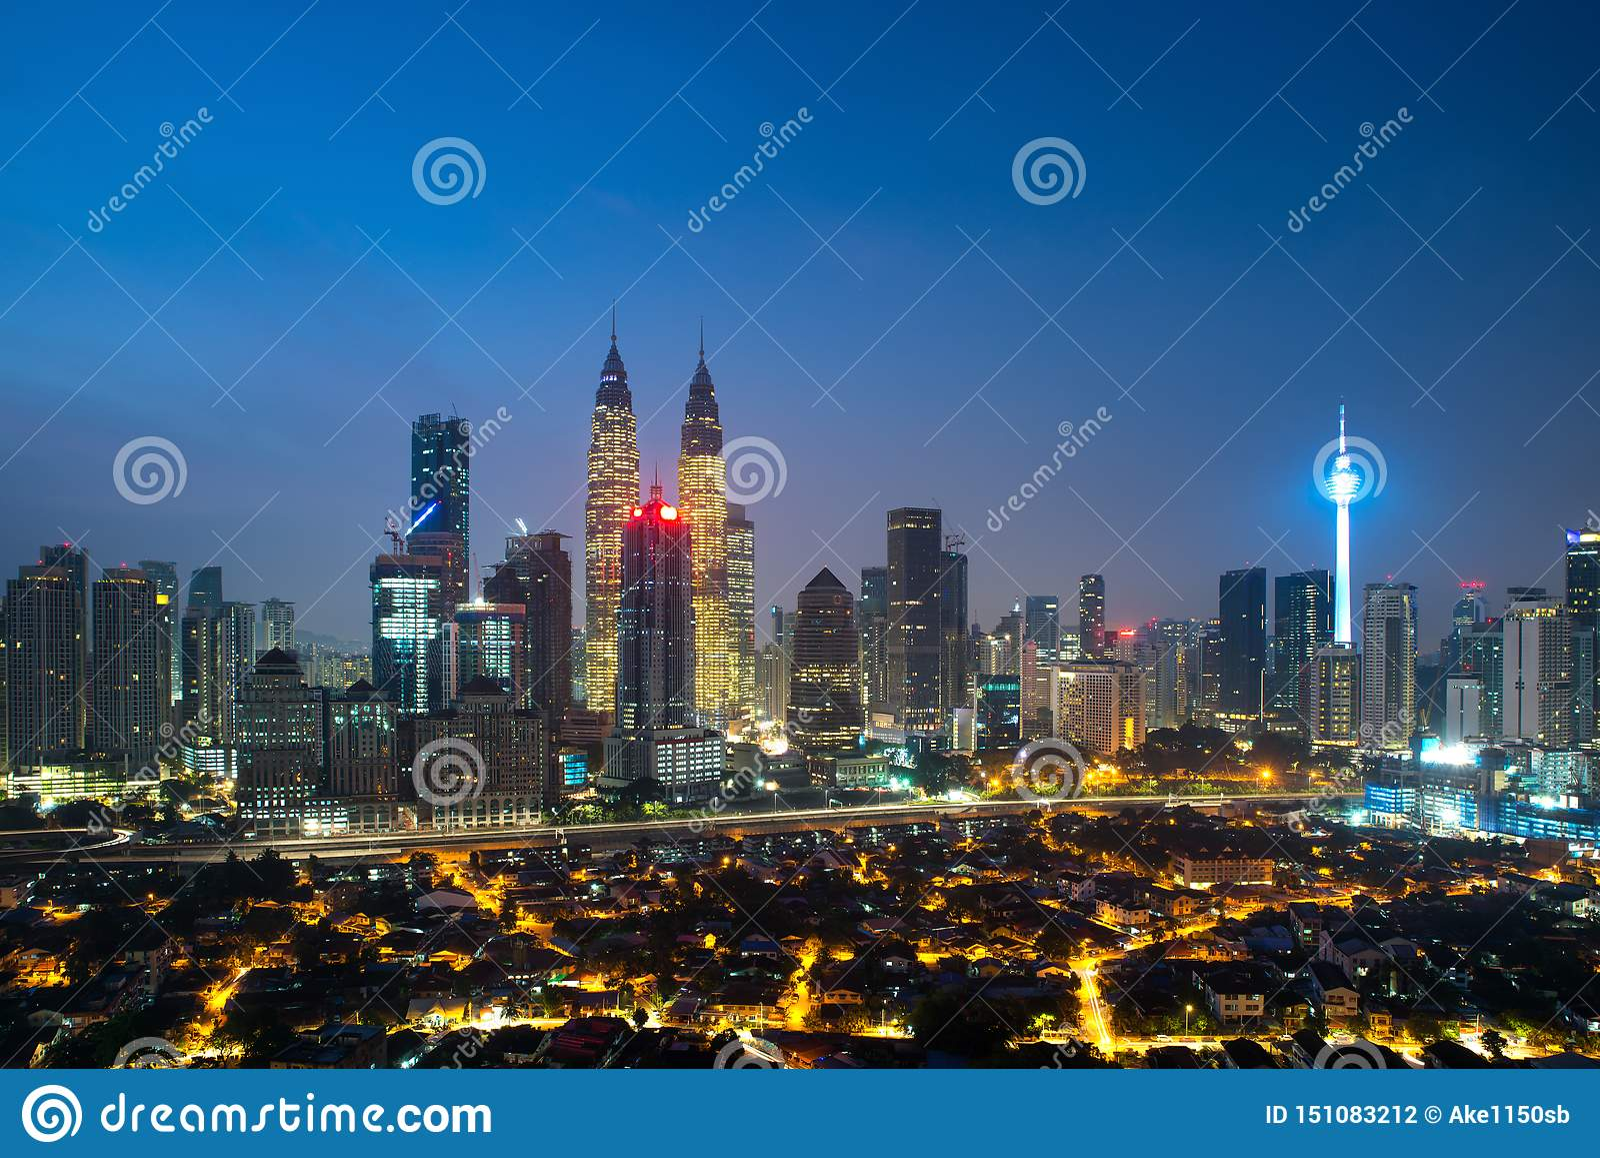 Городской пейзаж Куалаа-Лумпур Панорамный вид горизонта города Куалаа-Лумпур во время небоскребов восхода солнца осматривая строя